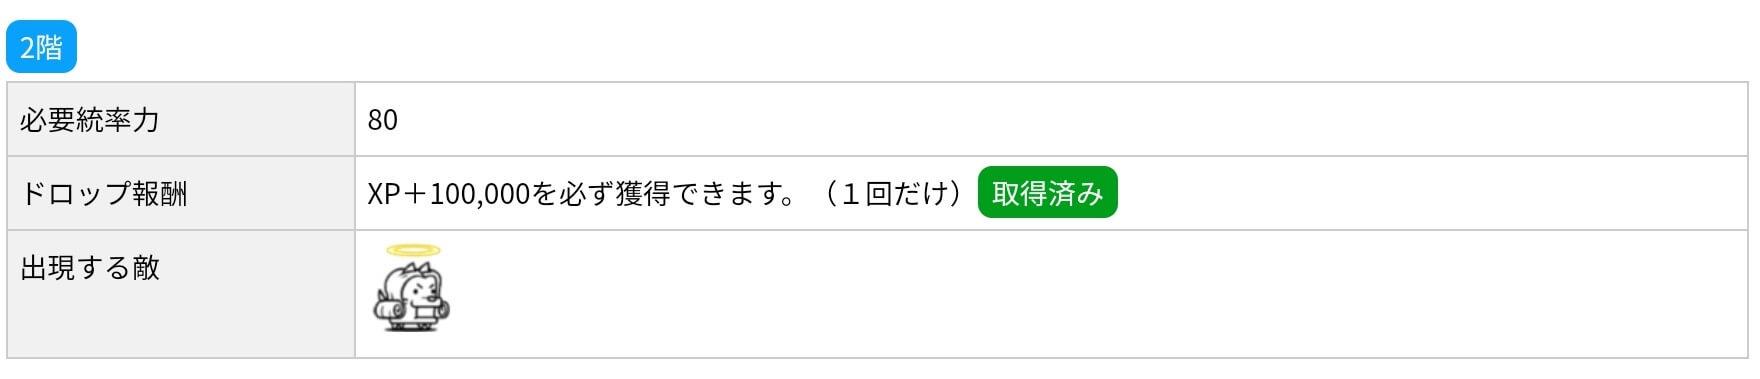 にゃんこ別塔(天)2階 敵編成